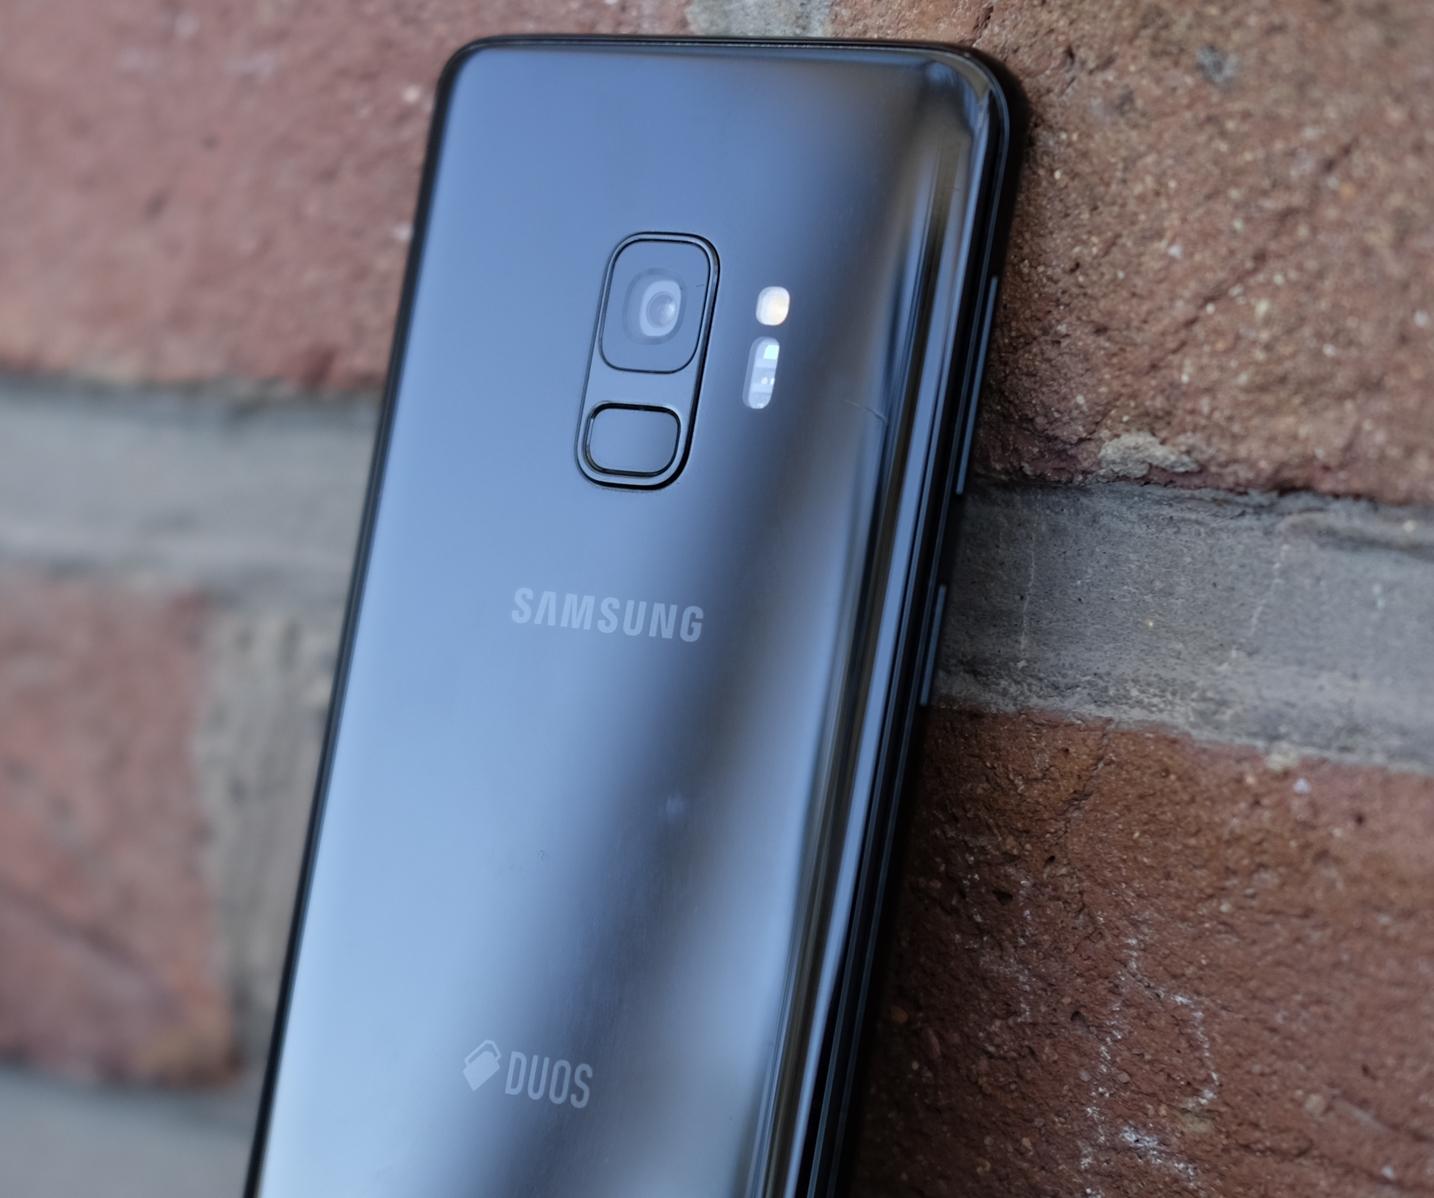 Nå opplever Samsung-kunder marerittet: sender SMS-er og bilder til tilfeldige personer